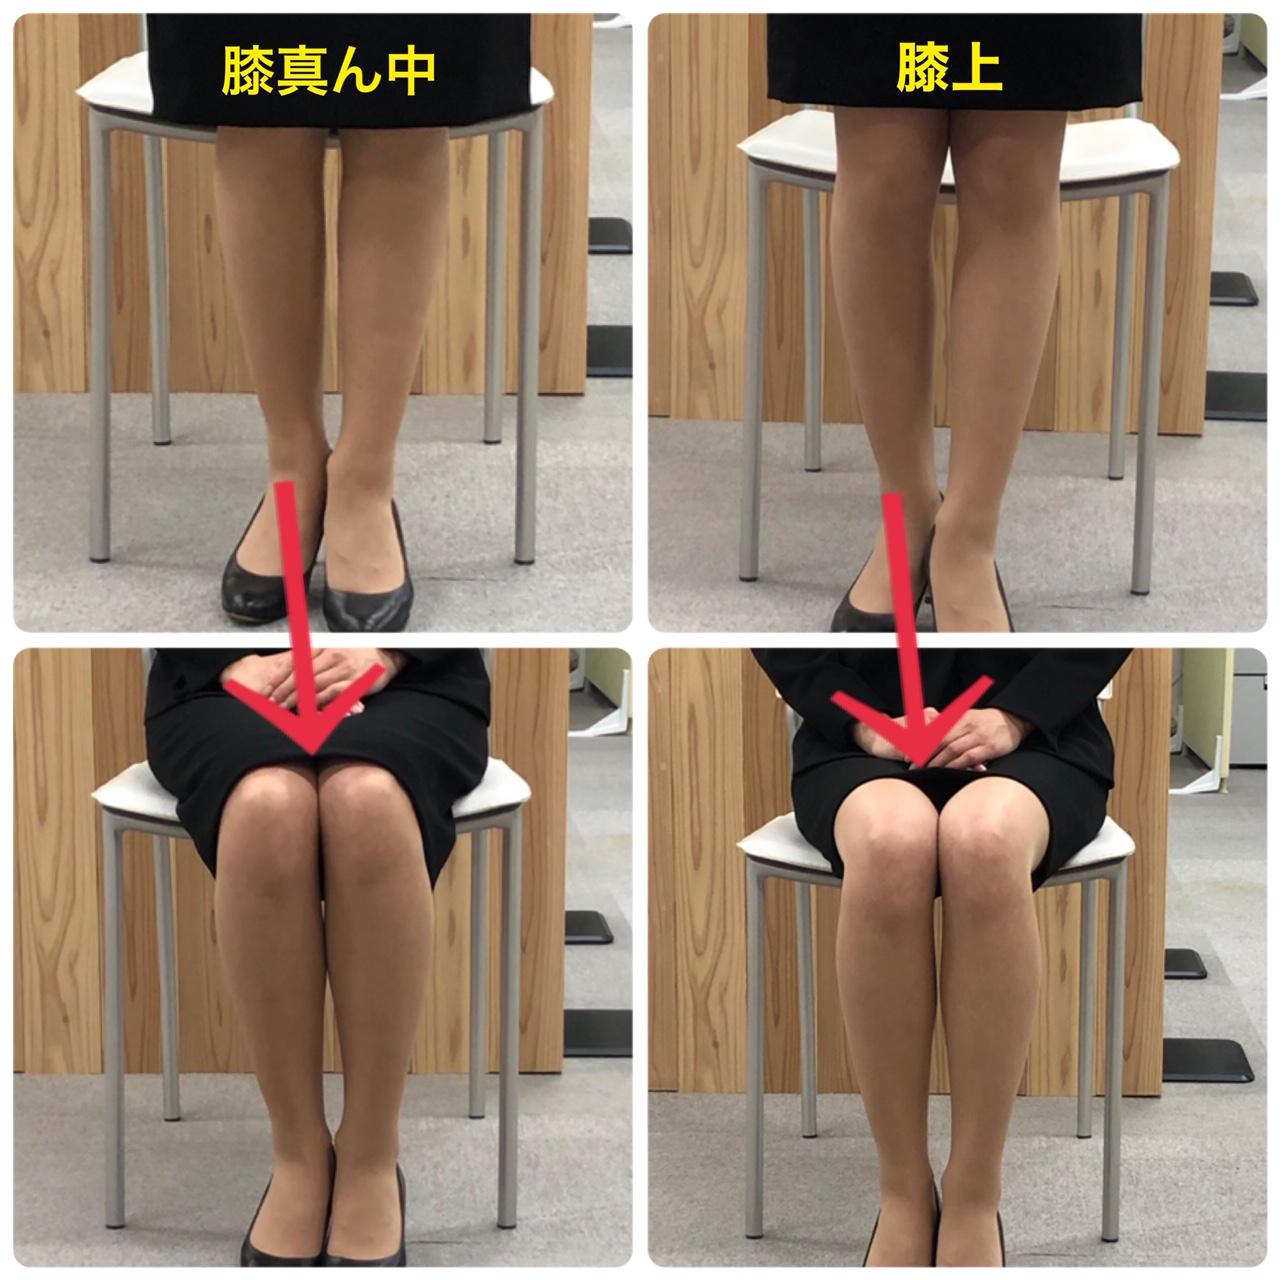 スカート丈の例